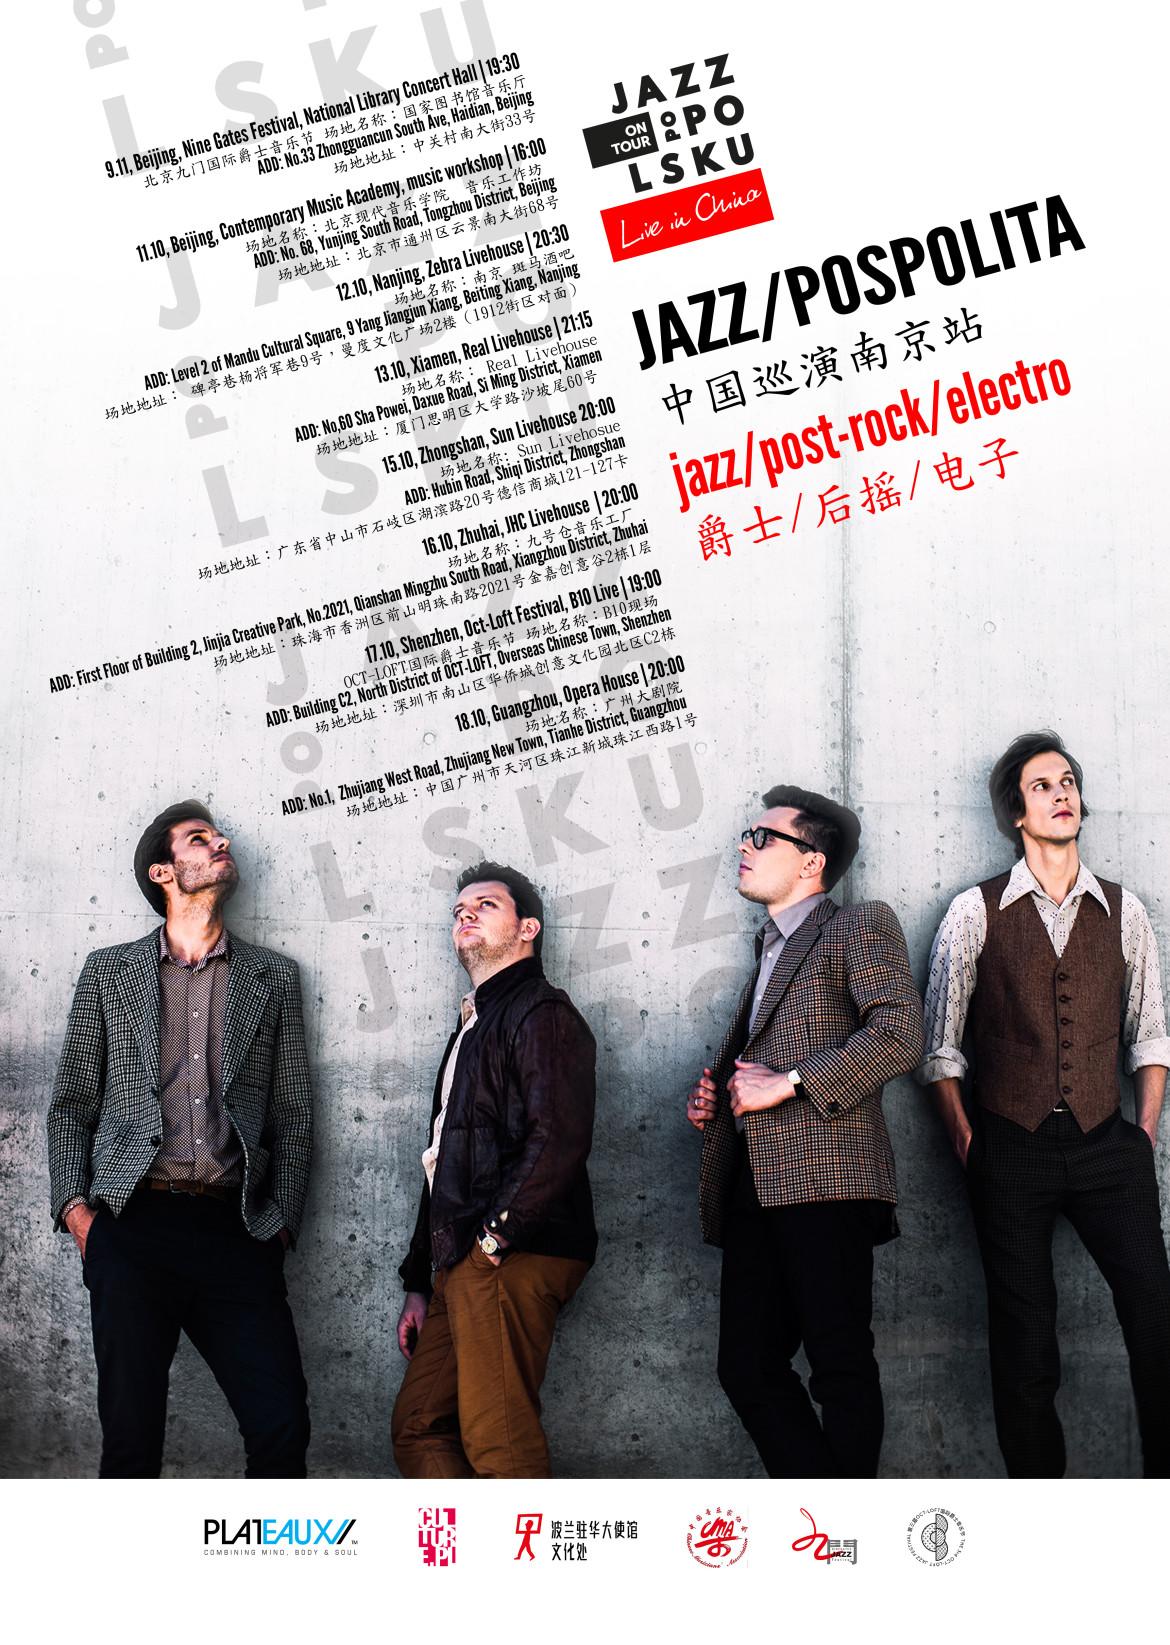 Plakat - Jazzpo China